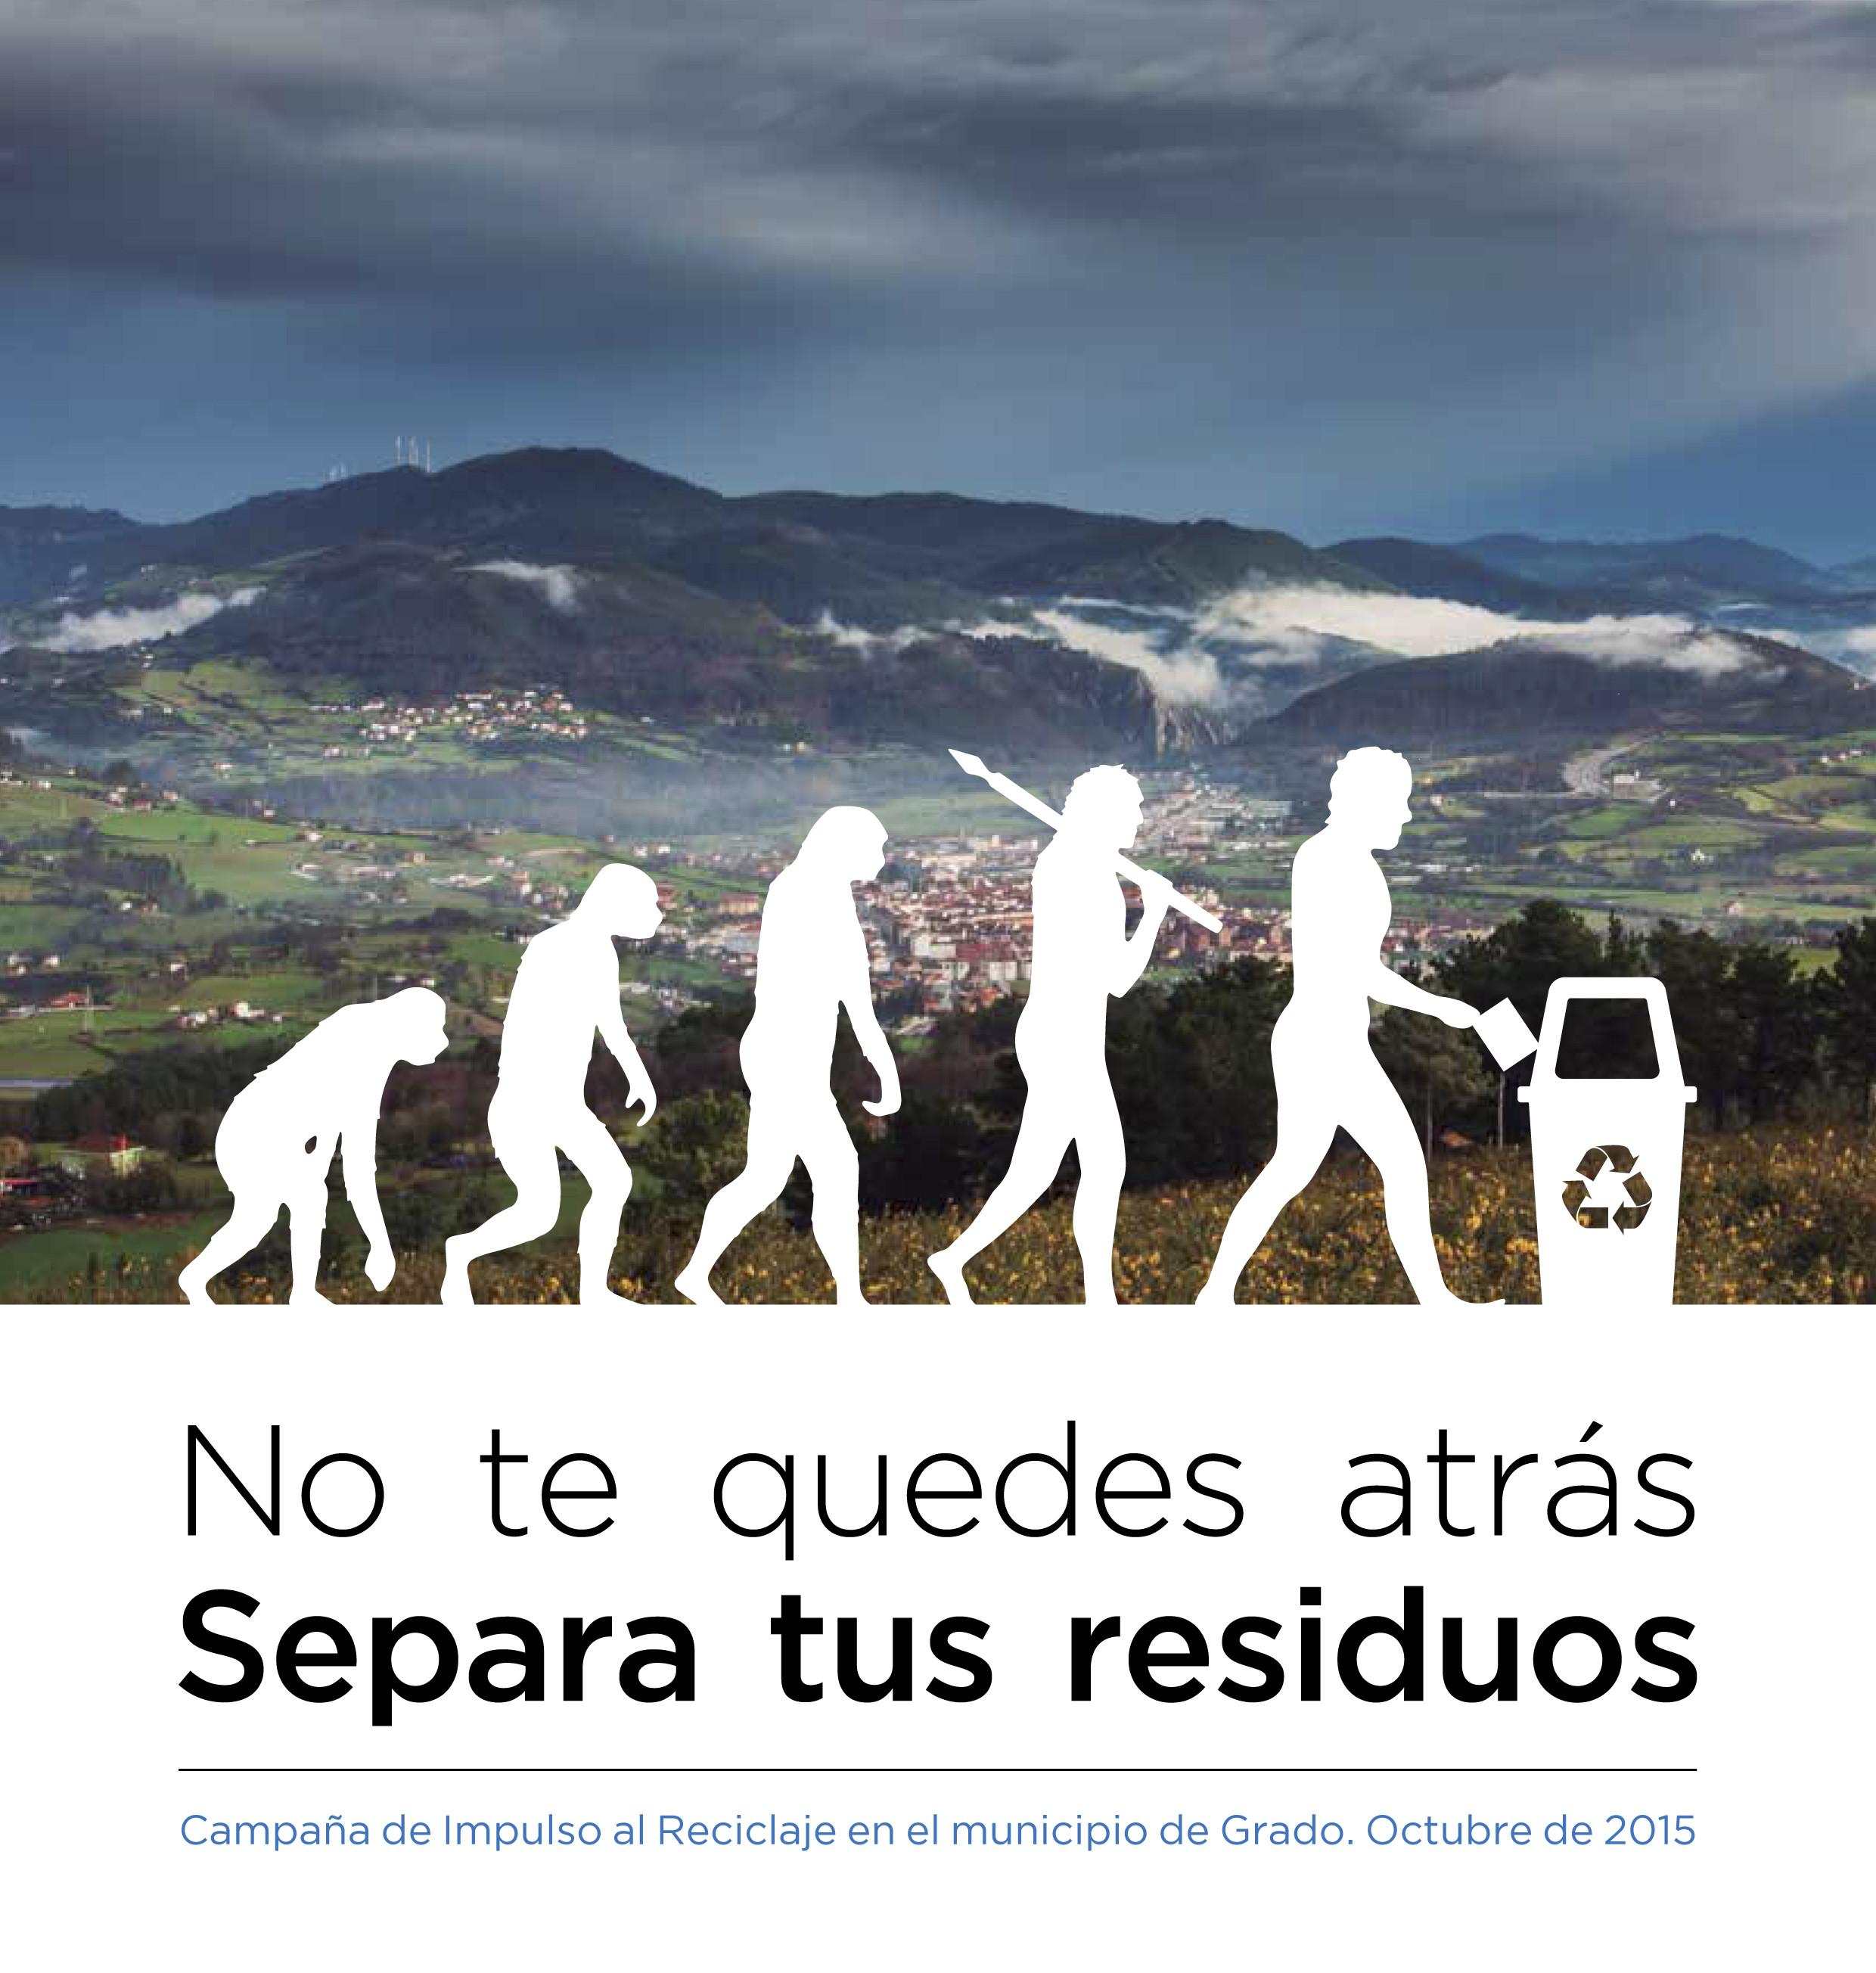 Nueva campaña de fomento de reciclaje en Grado, Lena, Llanes y Tineo